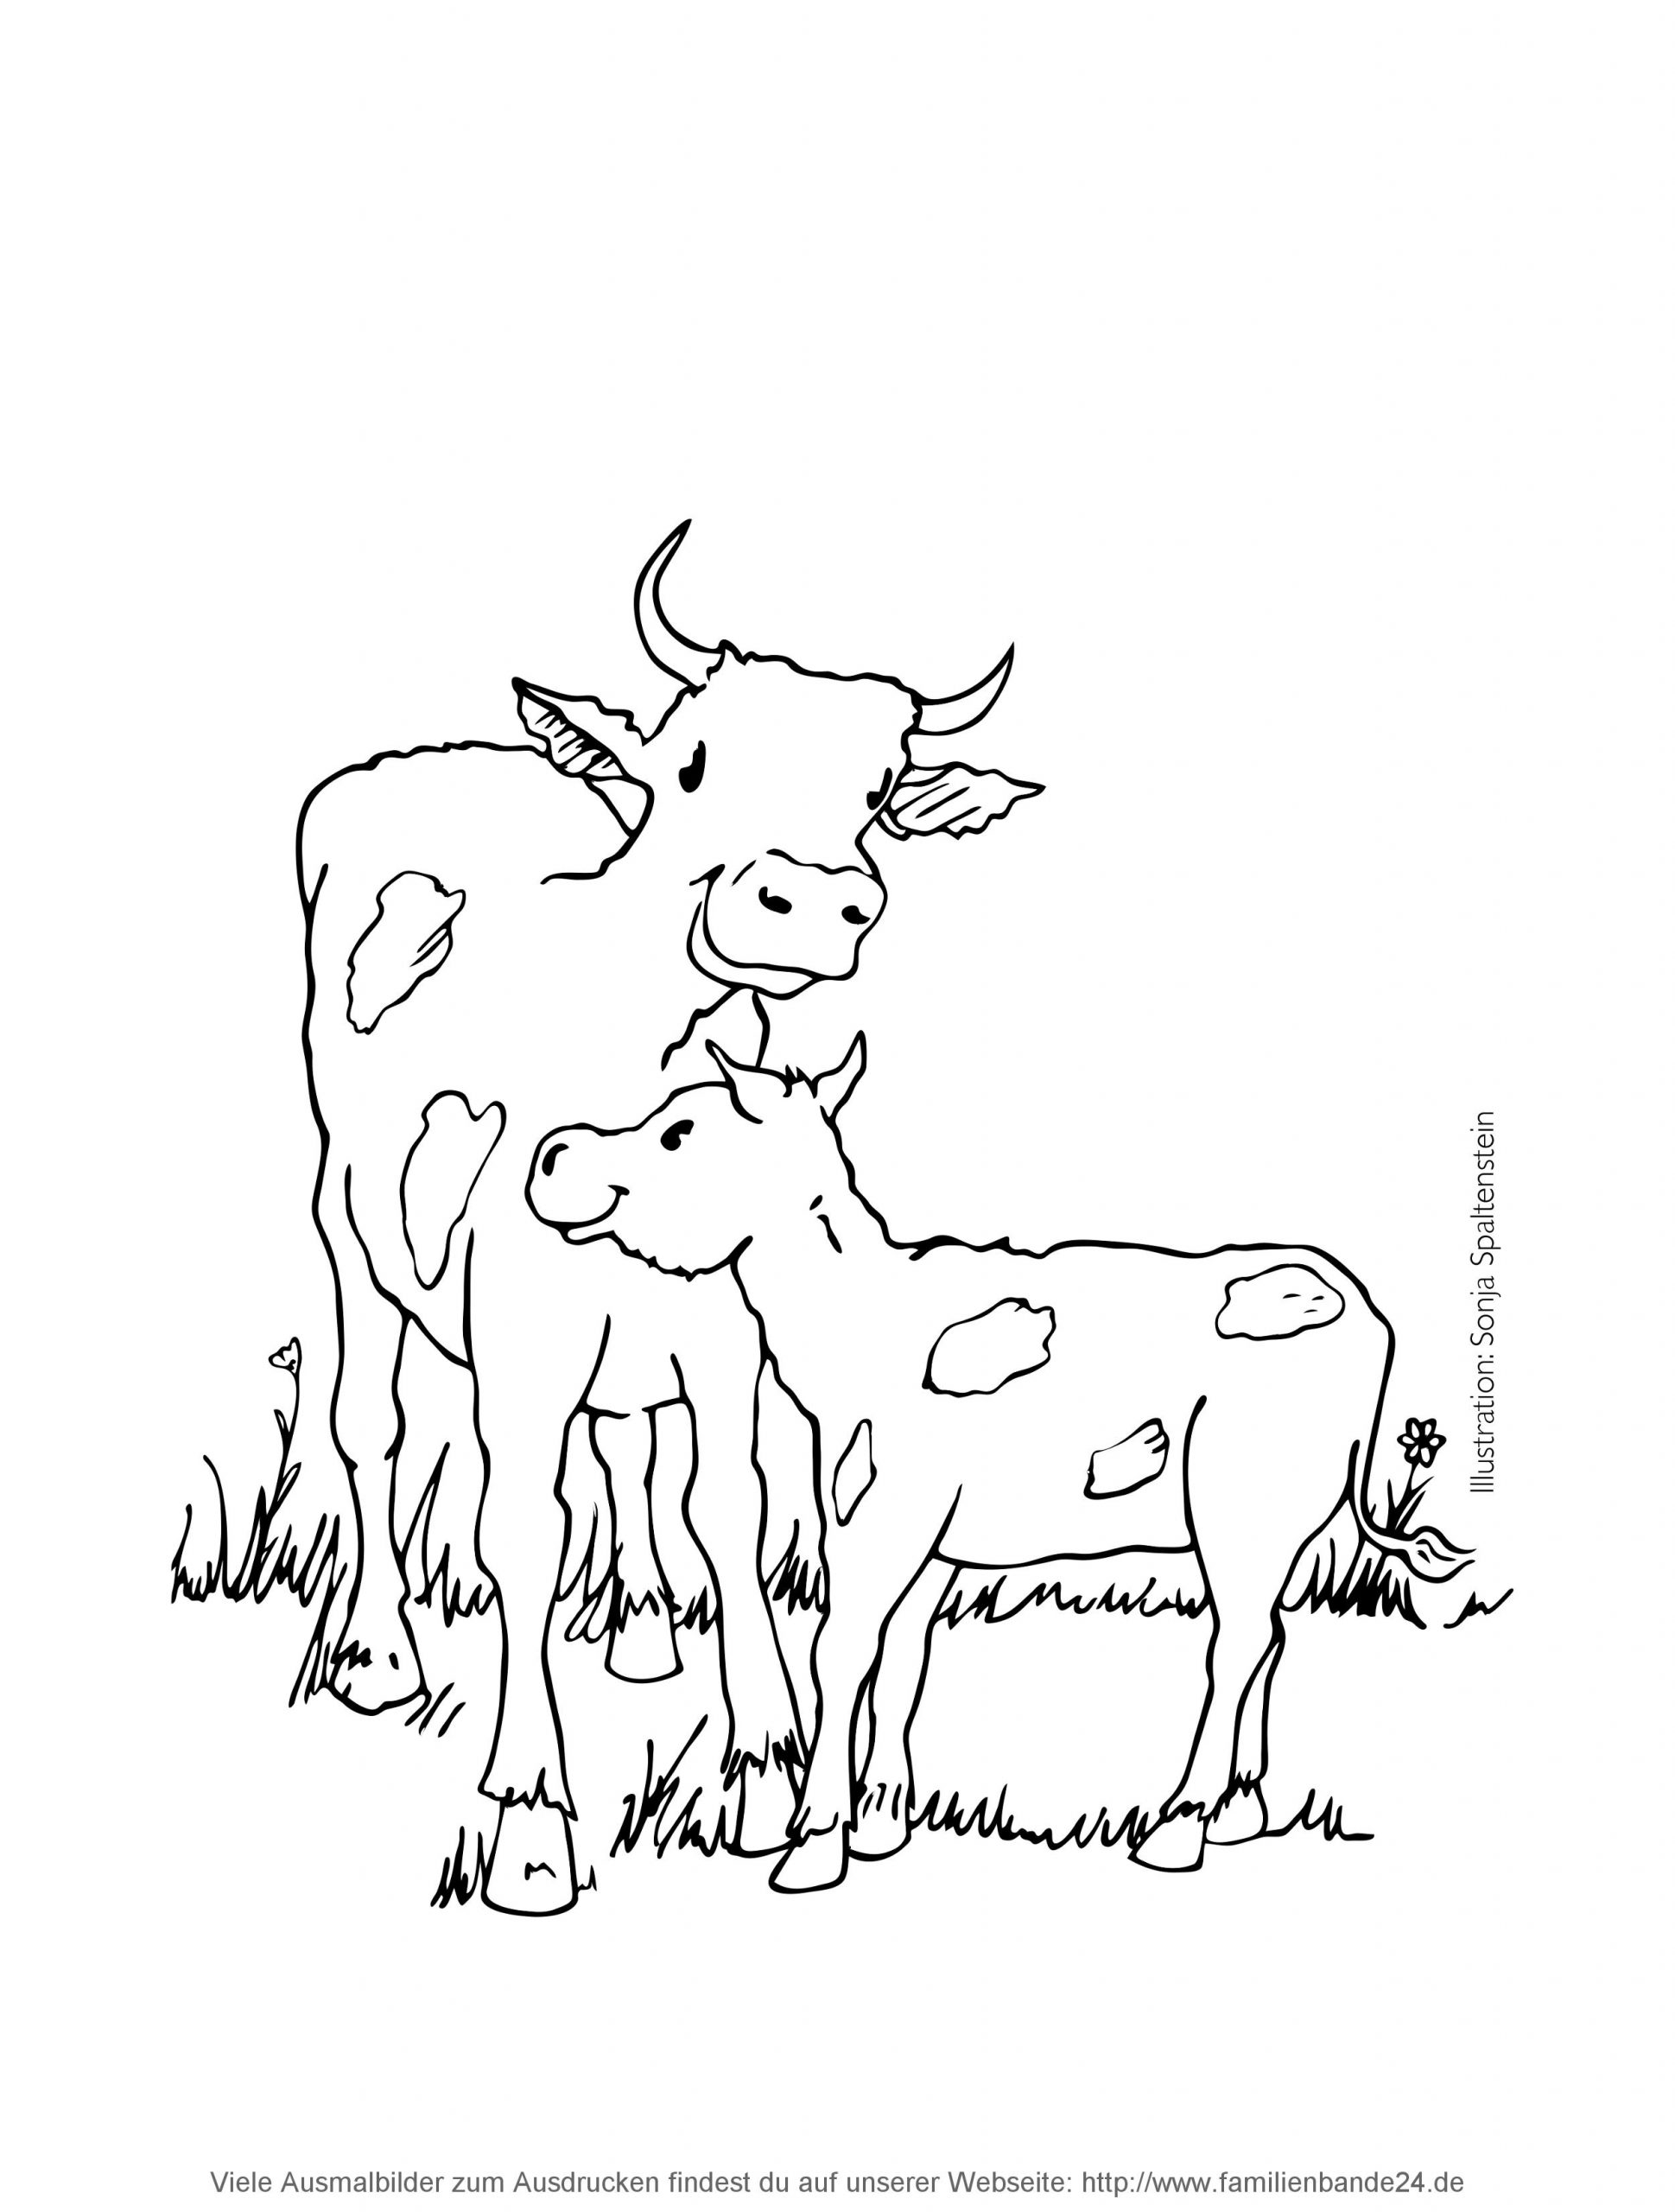 Malvorlagen Kuh Auf Der Weide | Coloring And Malvorlagan in Malvorlagen Kühe